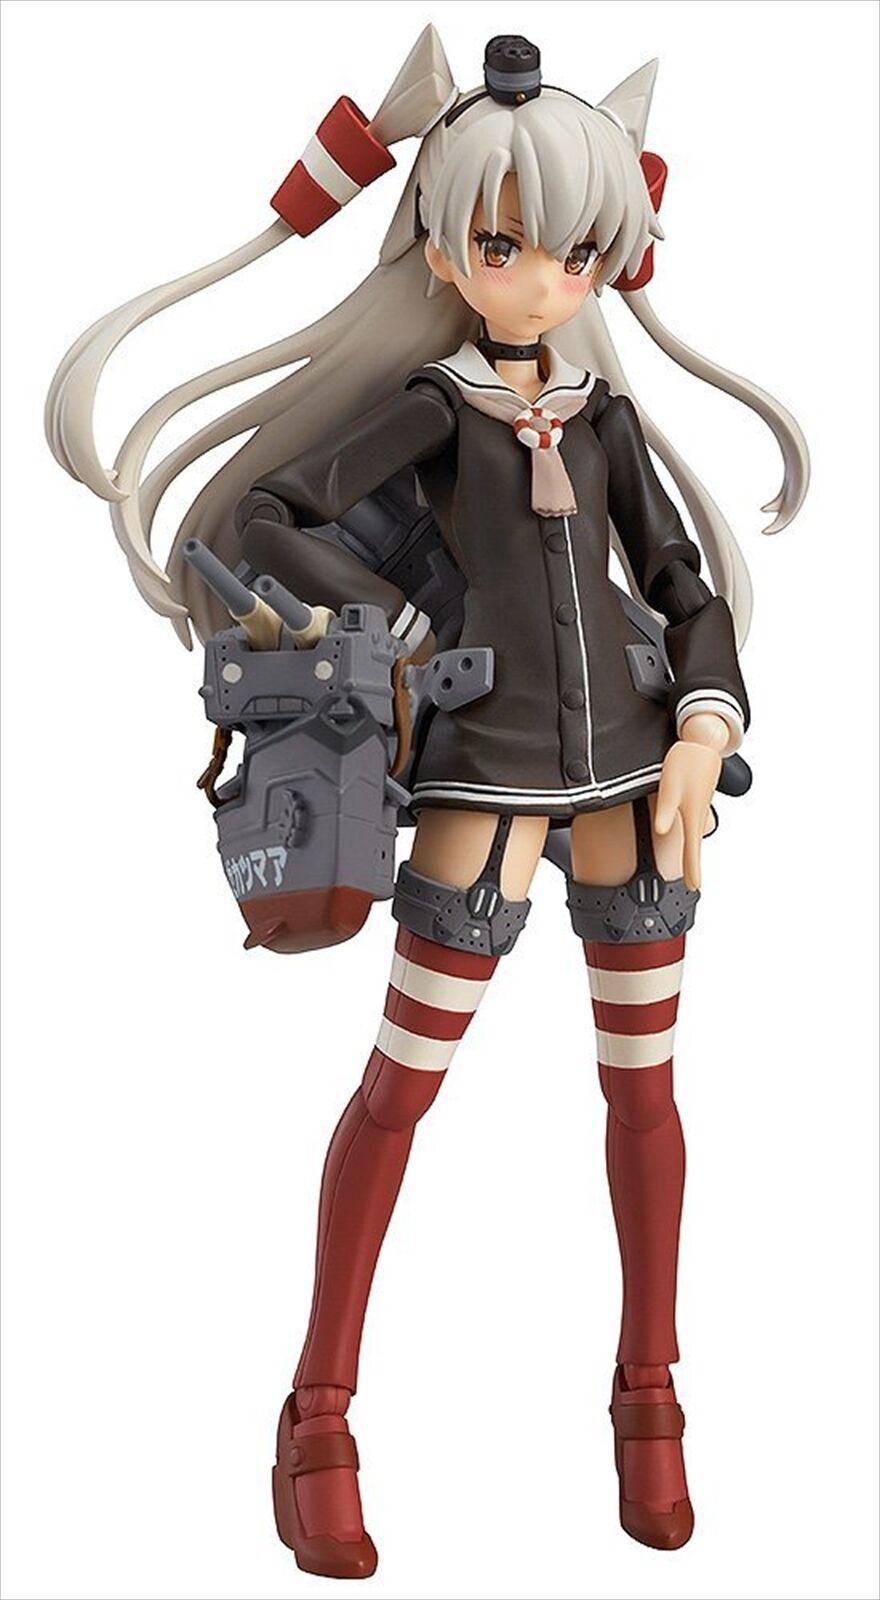 Max Factory figma Kancolle Kantai Collection Amatsukaze Action Figure